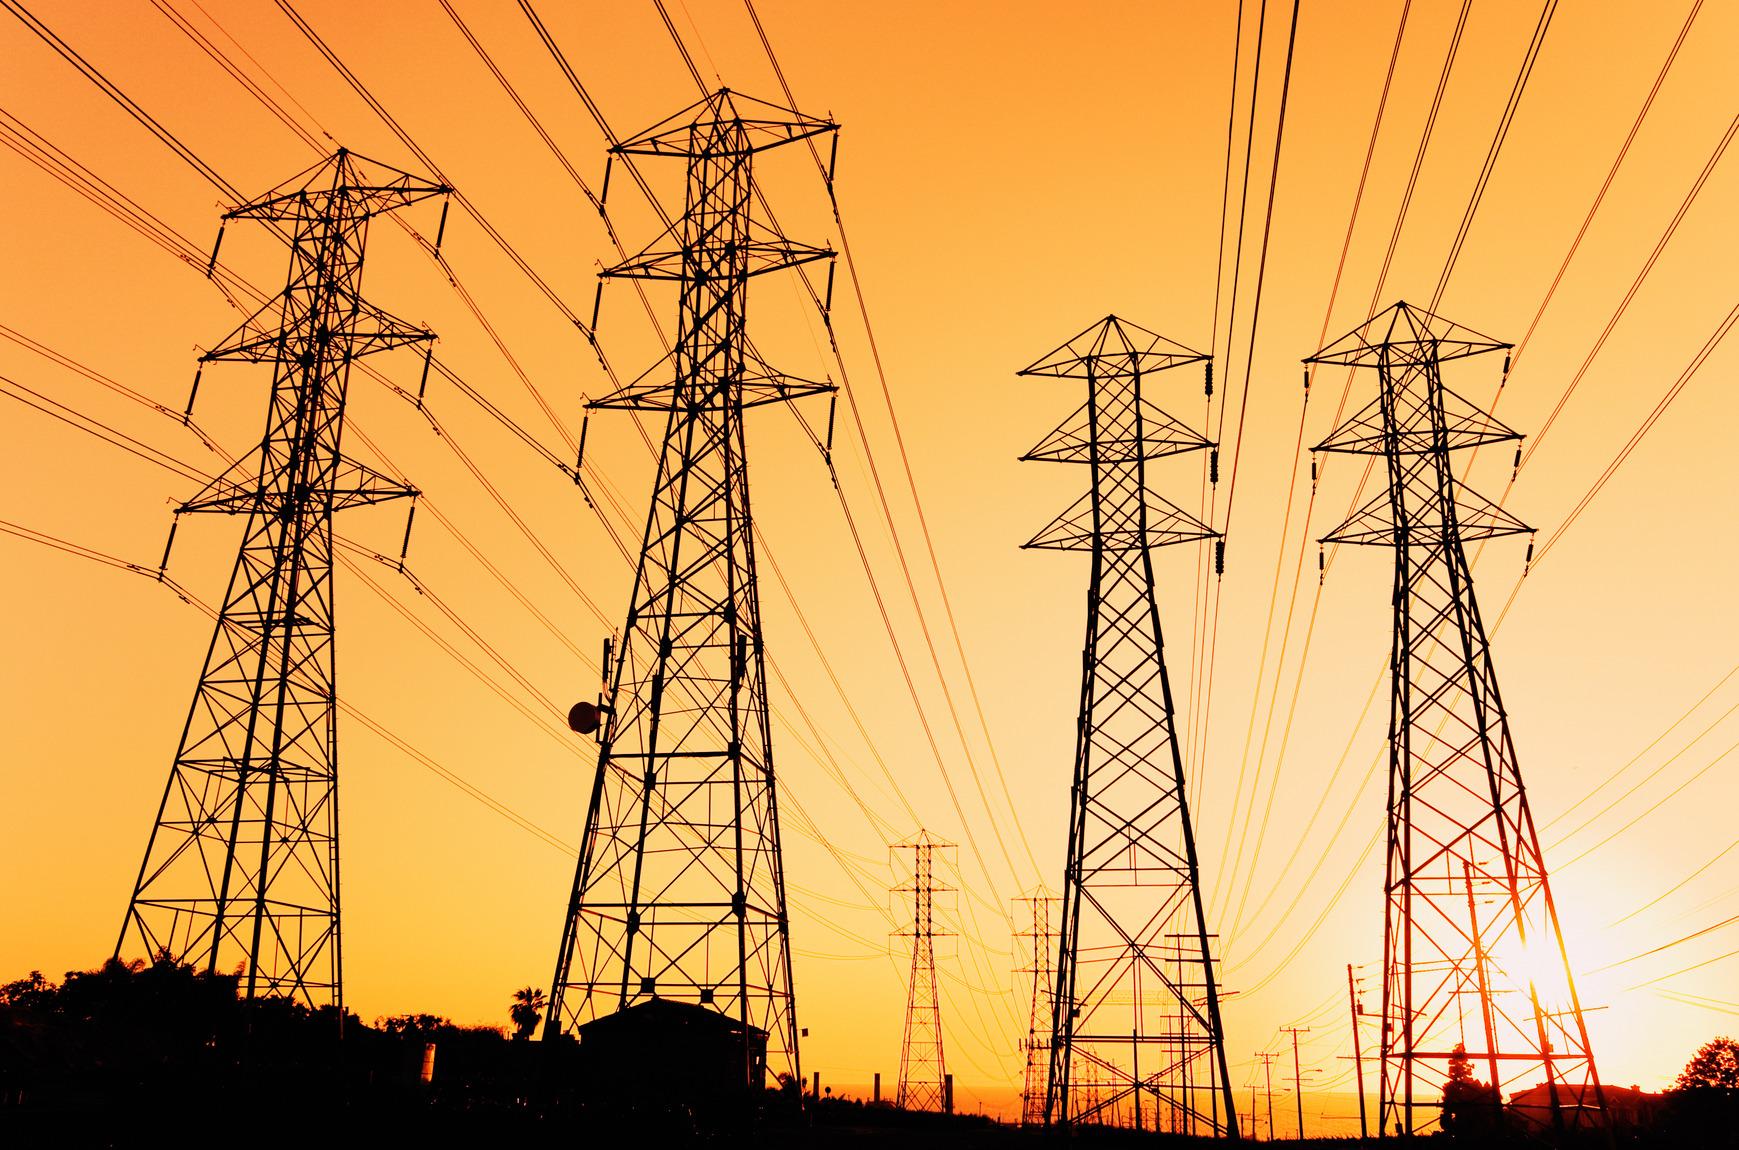 photodune-2229286-electric-powerlines-m.jpg